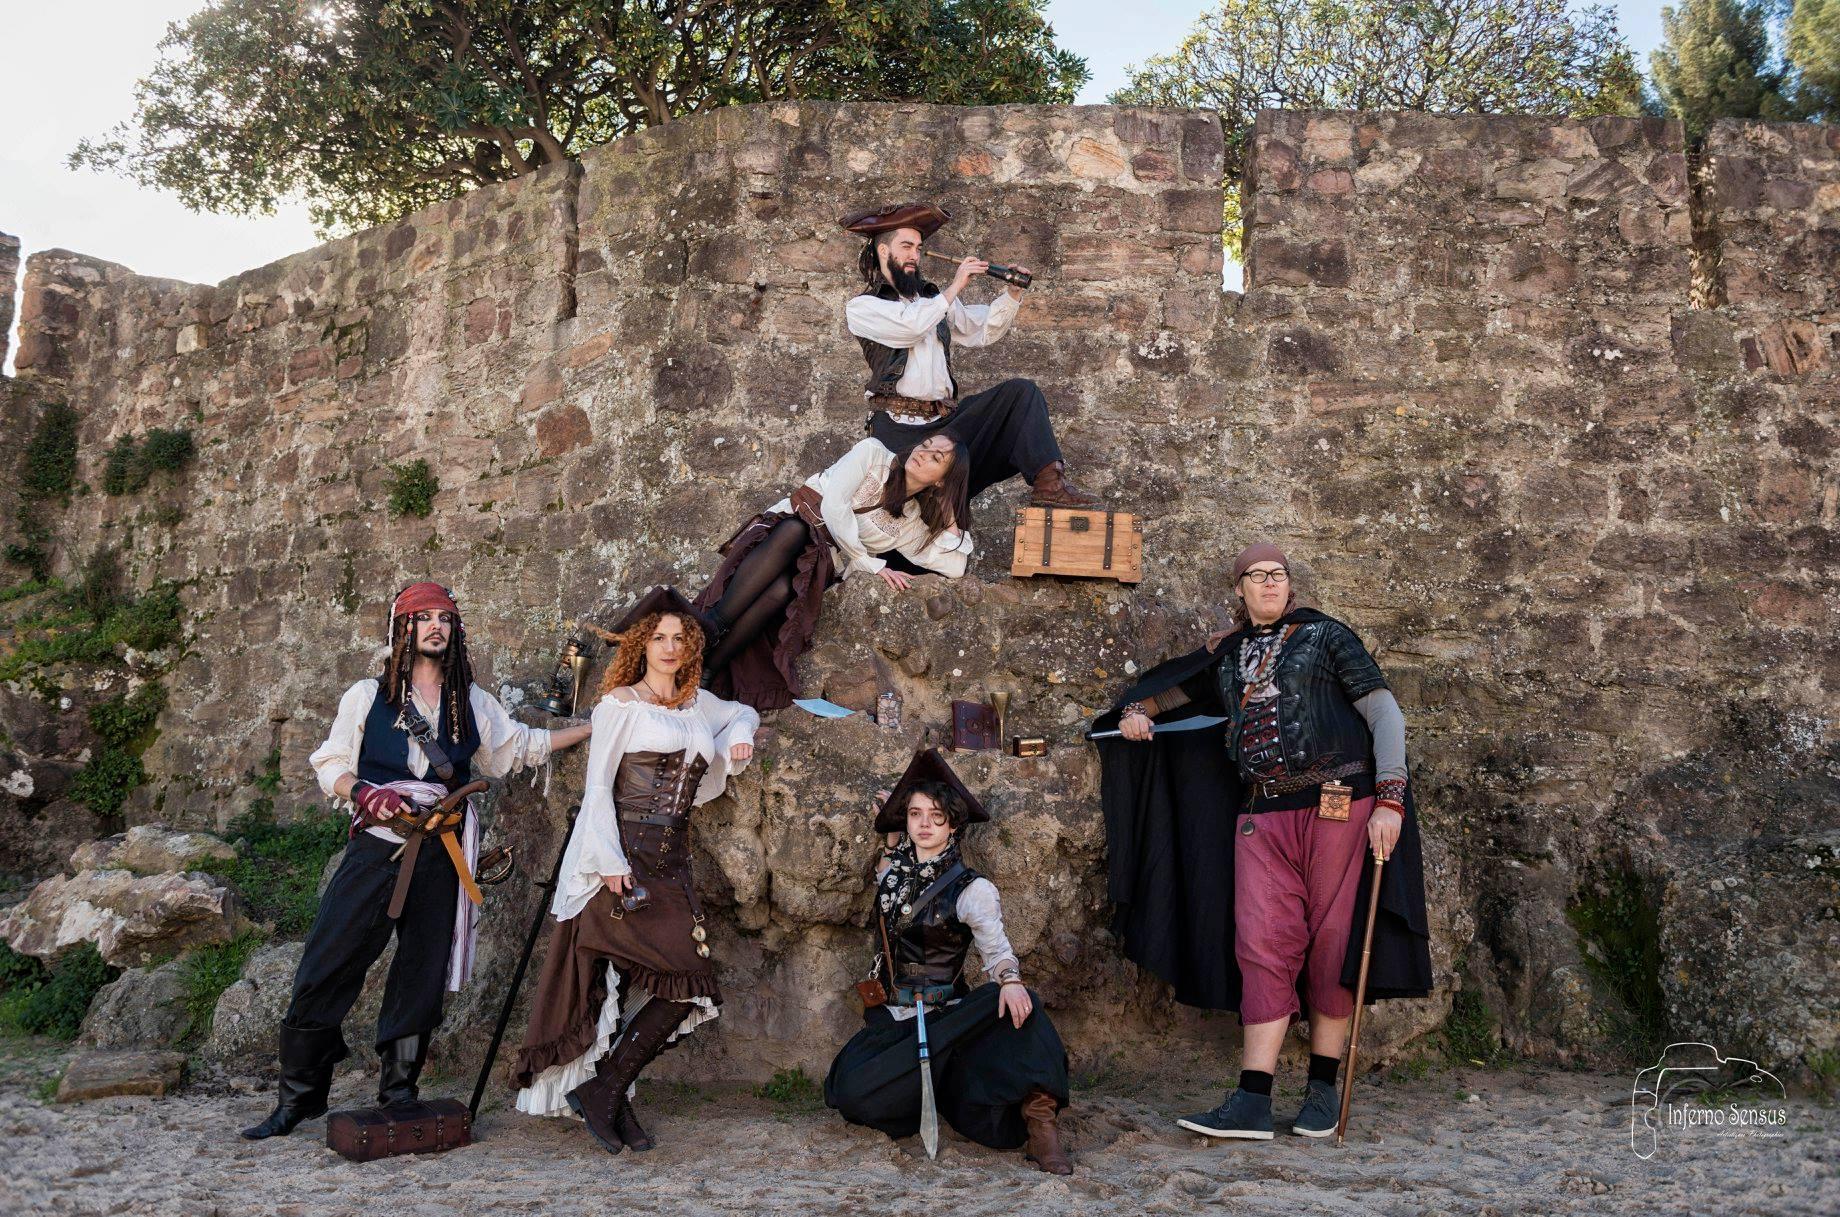 Spectacle de rue et déambulations pirates, déambulation échasses, spectacle pirate, spectacle enfant, spectacle interactif, jongleur, magiciens, pirate, pirates sur échasses, déambulations pirates.